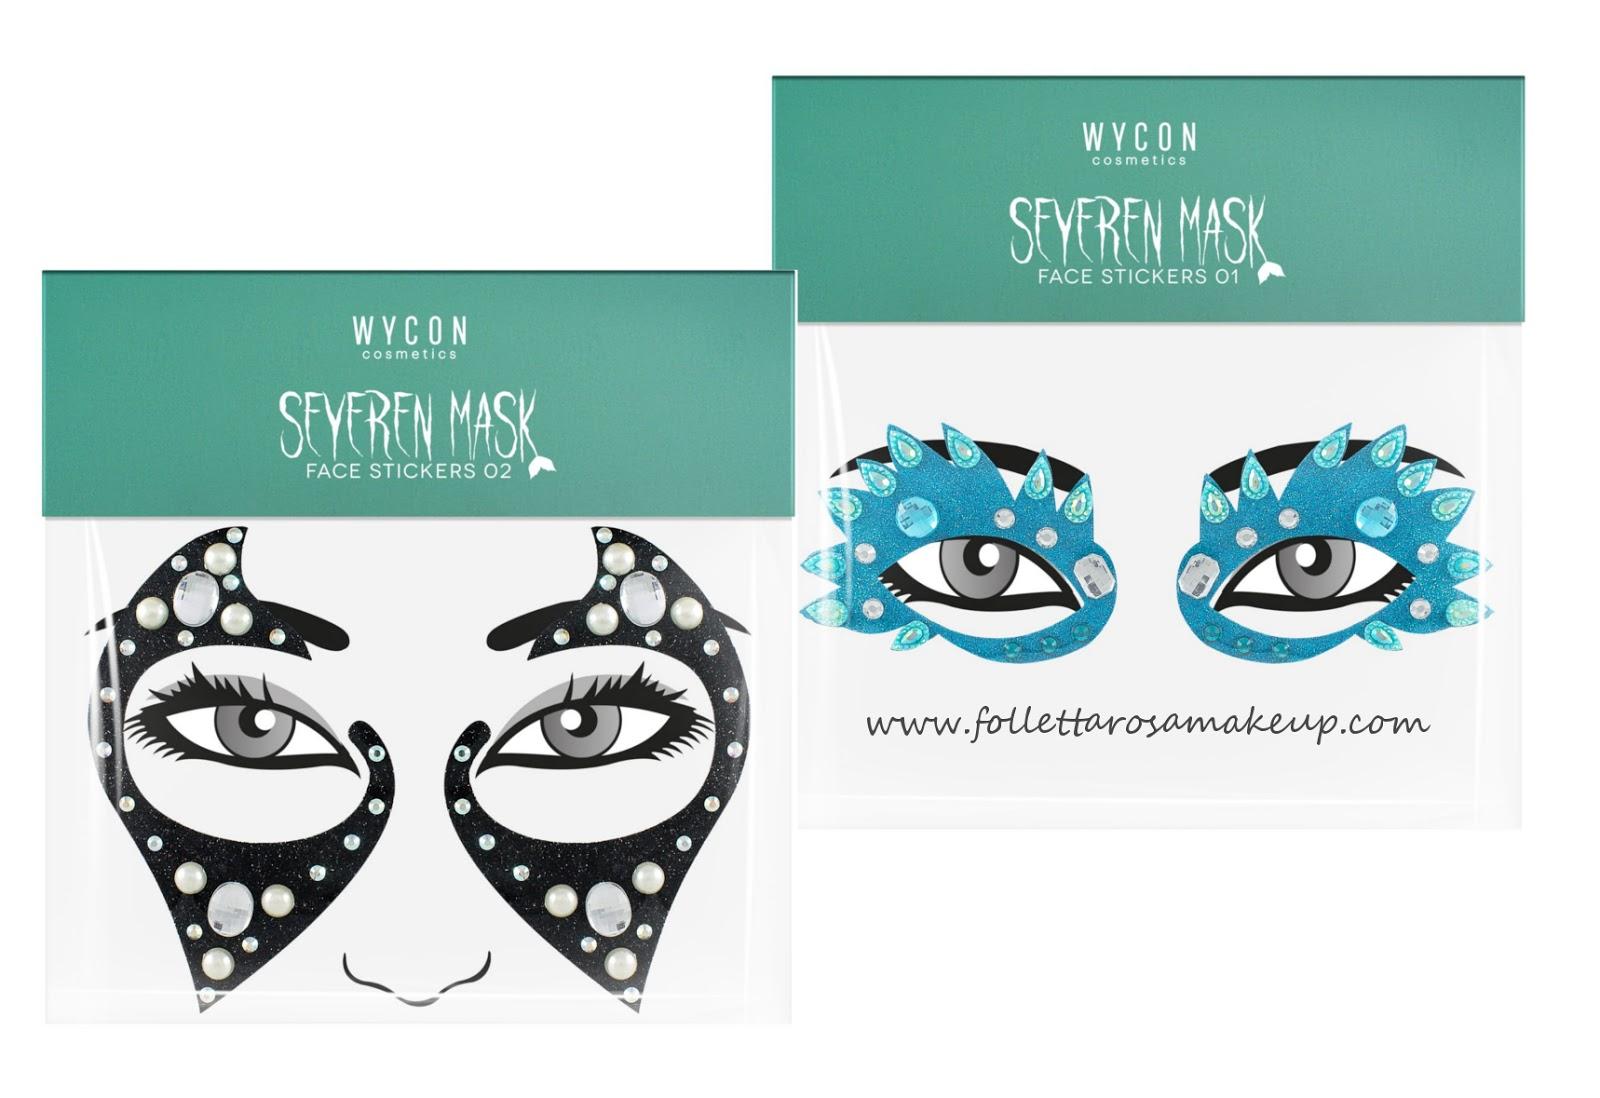 seyeren-mask-wycon